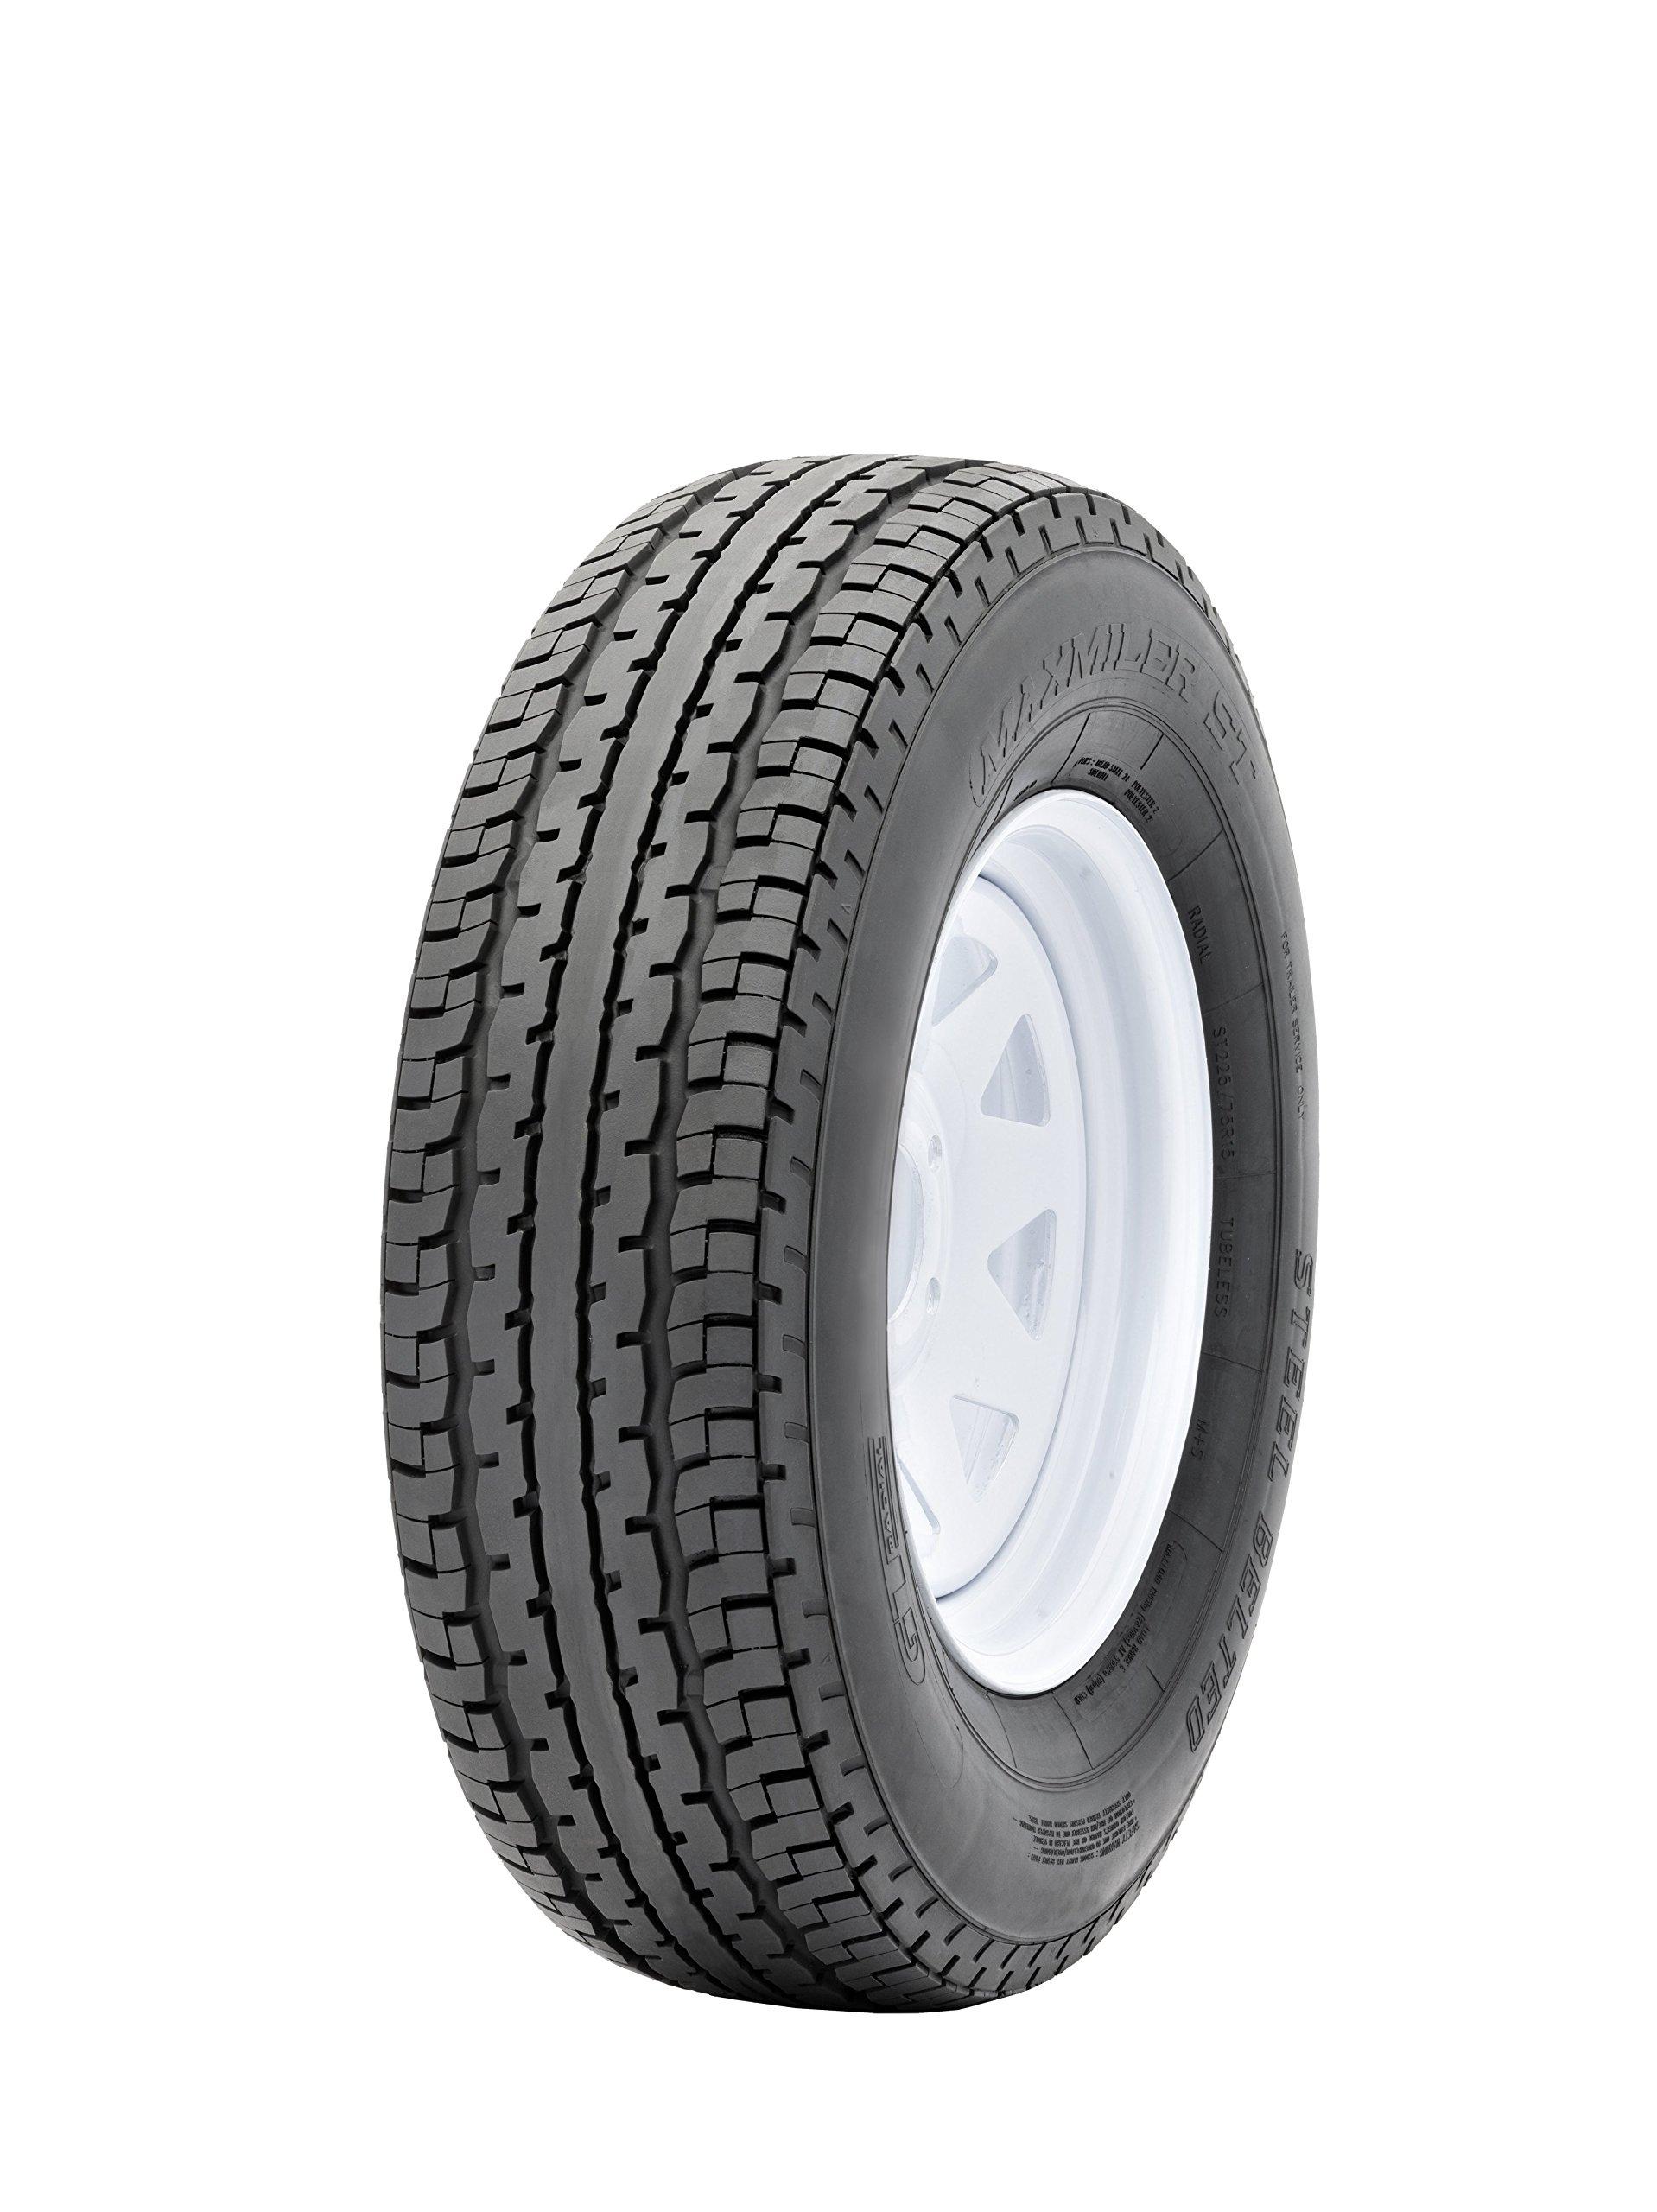 GT Radial MAXMILER ST Trailer Tire - ST205/75R15 107102M